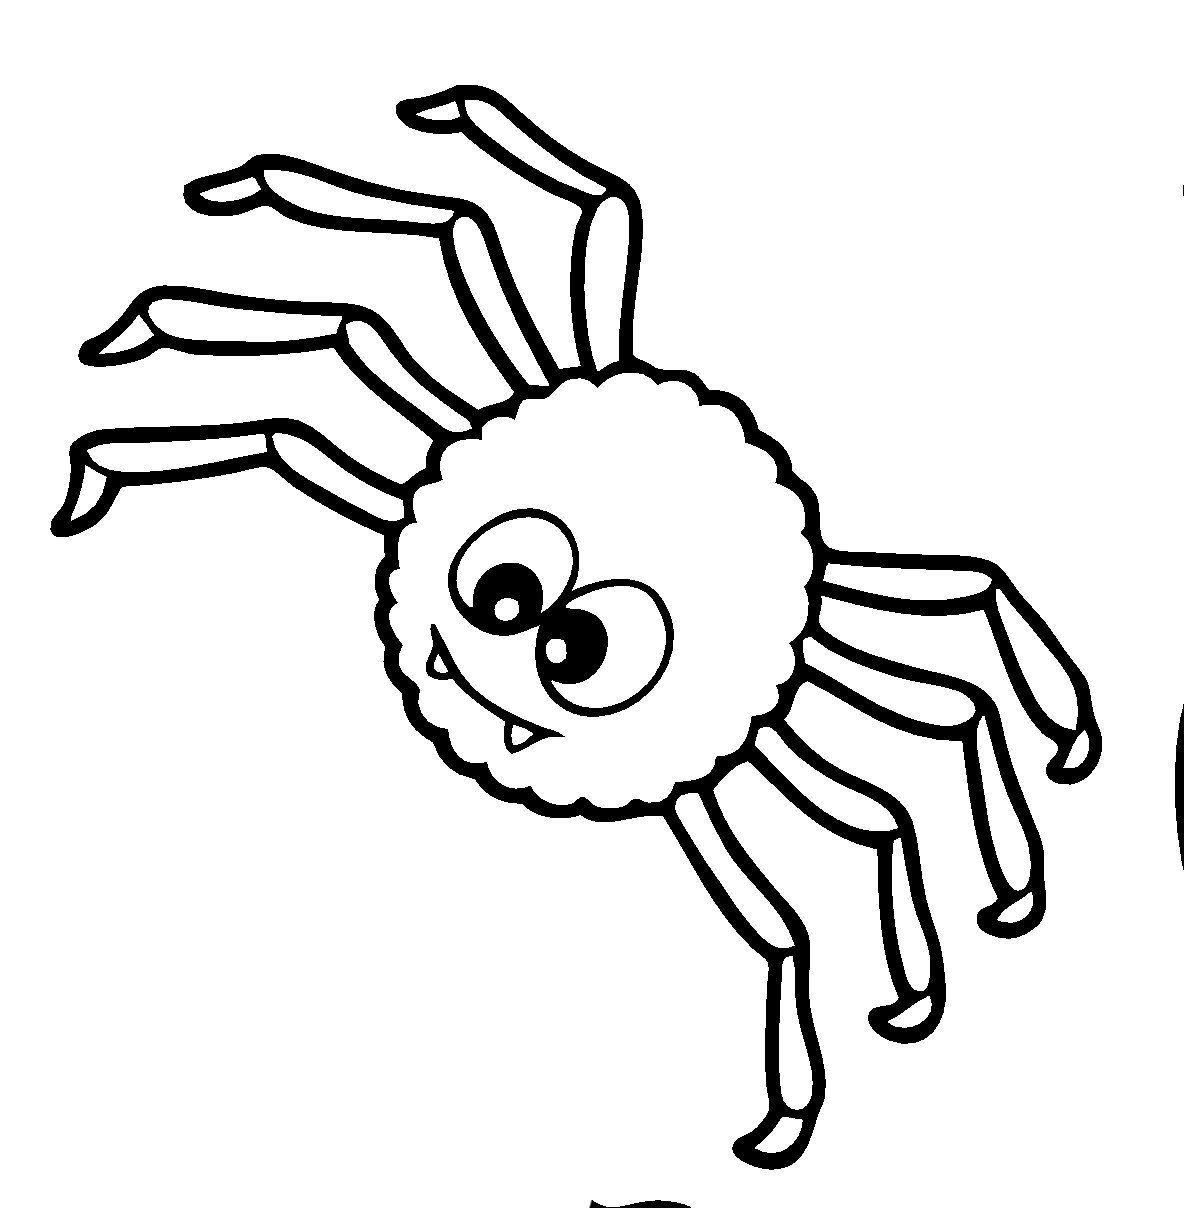 Pin von Heidi Solberg-Breasbois auf Halloween | Pinterest ...